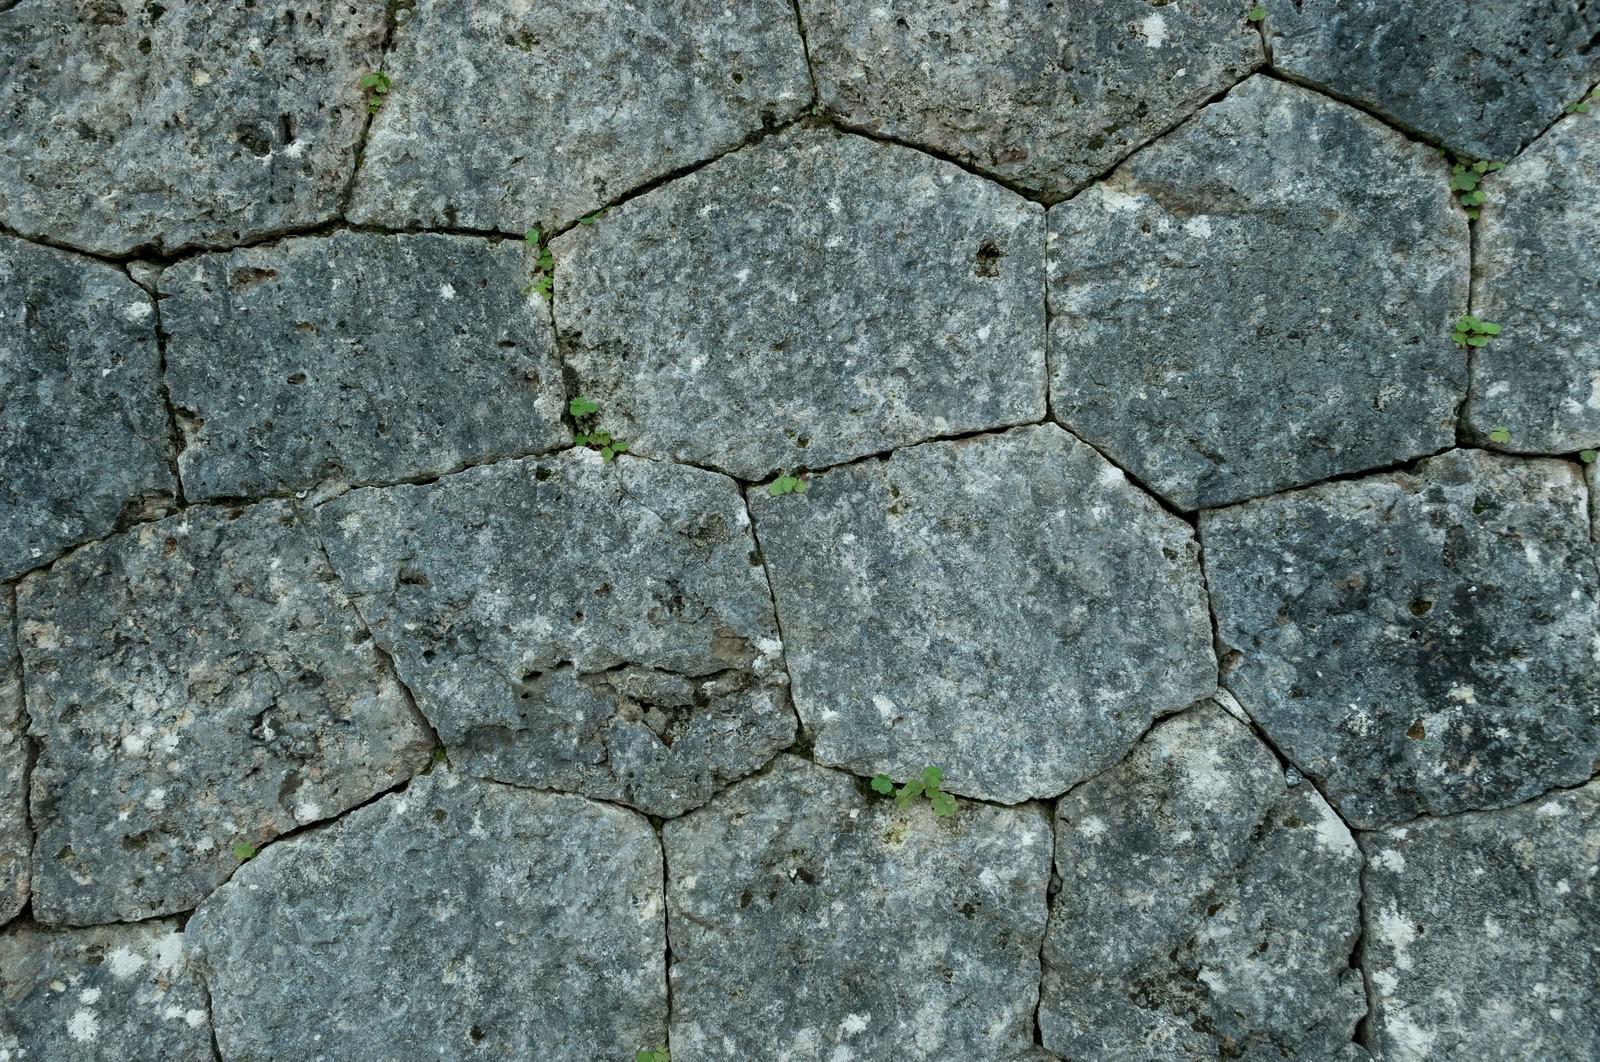 「石垣のテクスチャー石垣のテクスチャー」のフリー写真素材を拡大